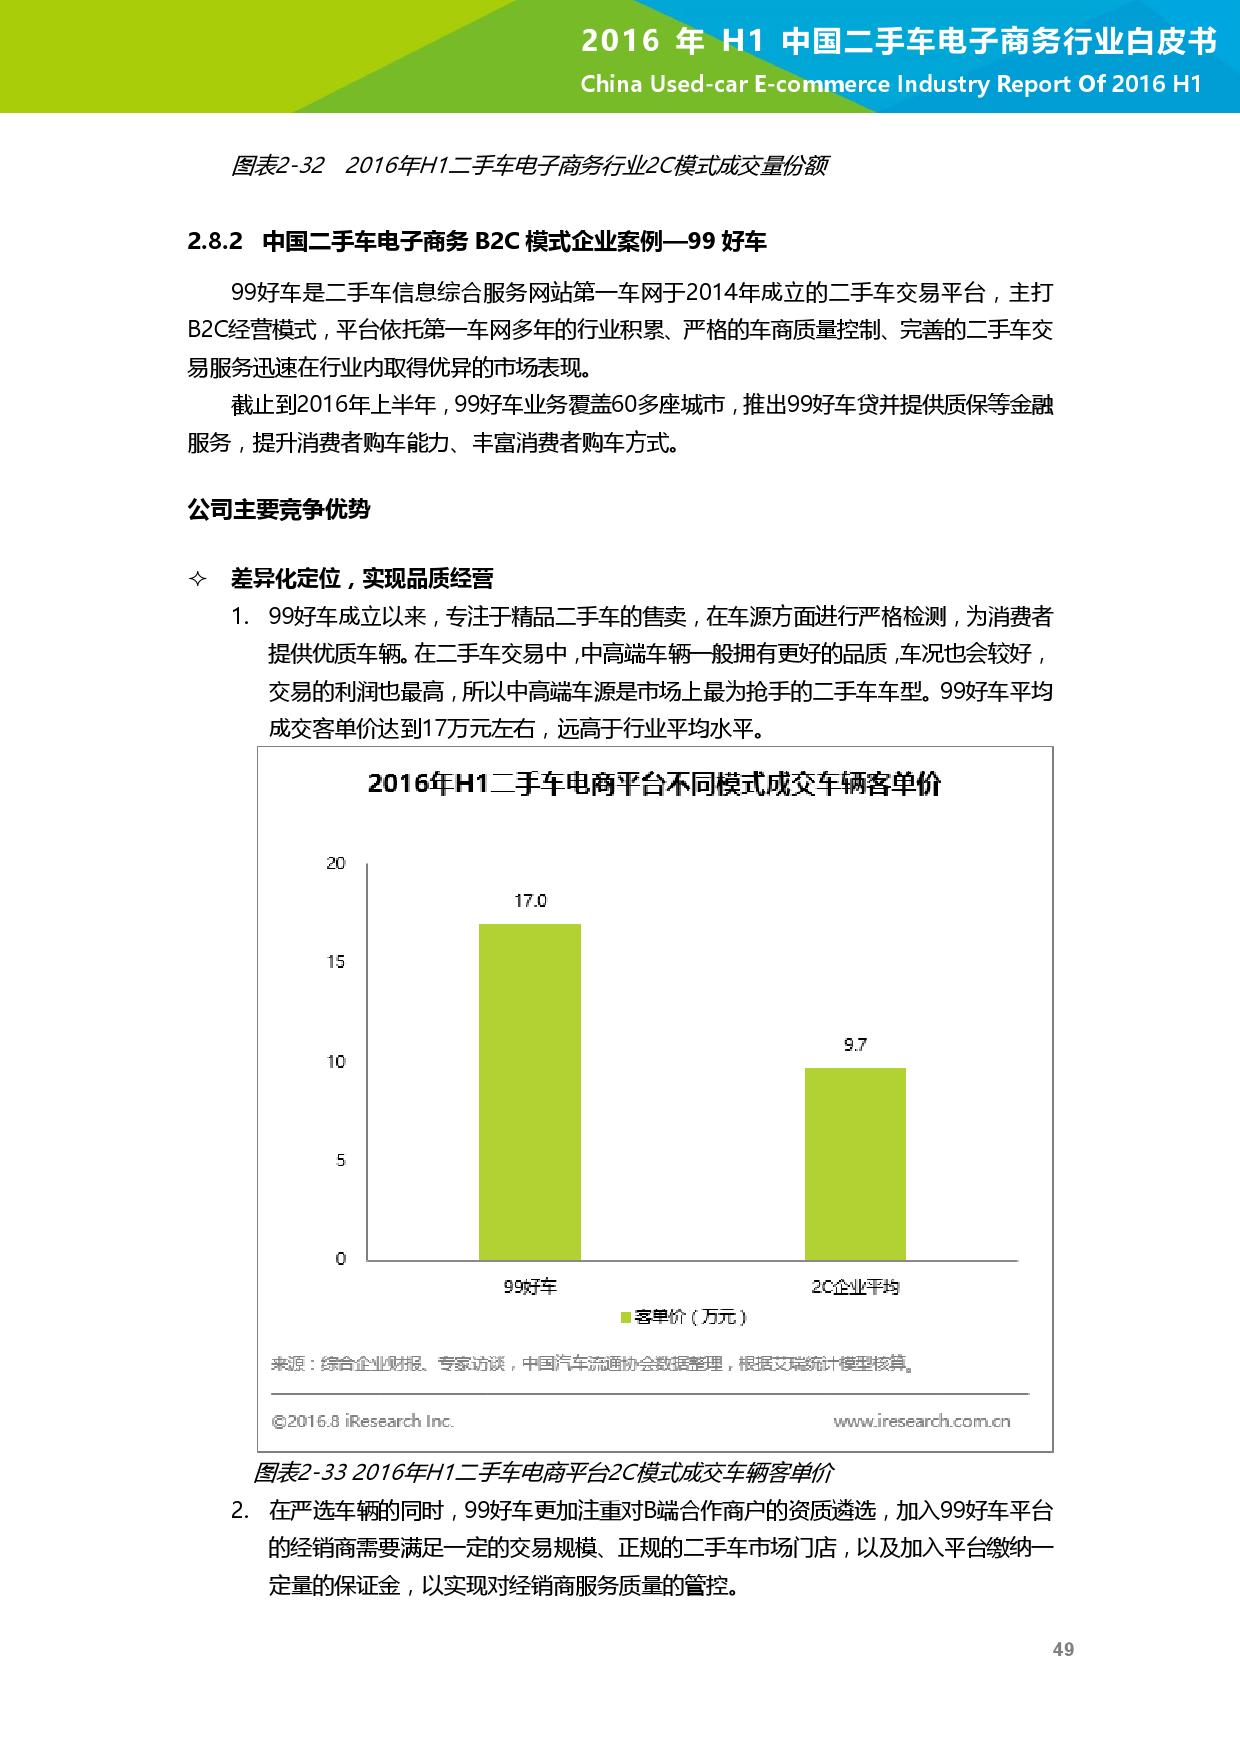 2016年H1中国二手车电子商务行业白皮书_000050